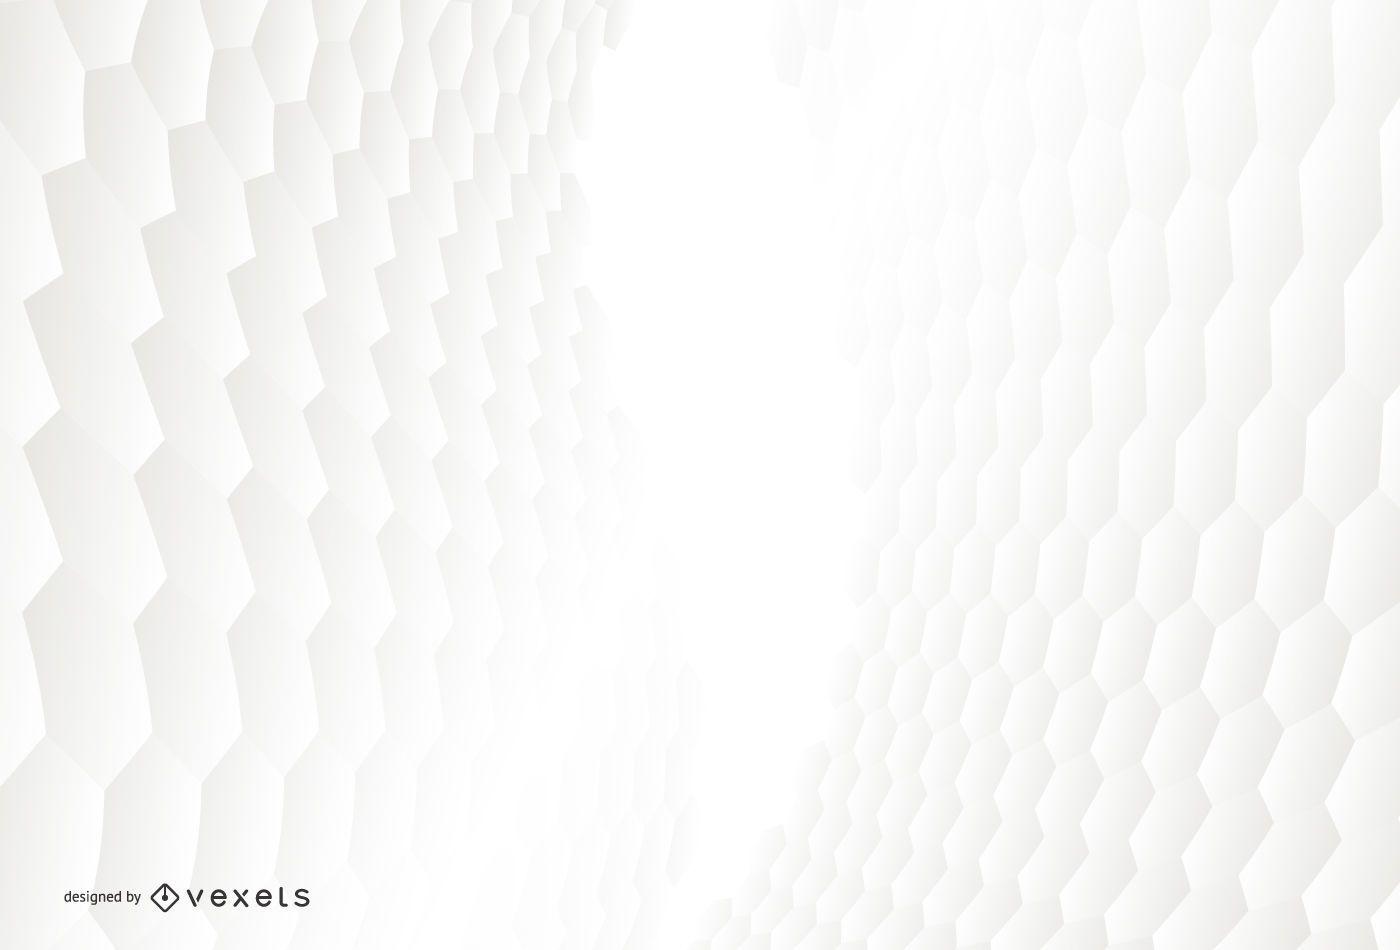 Textura de fondo blanco descargar vector for Fondo blanco wallpaper